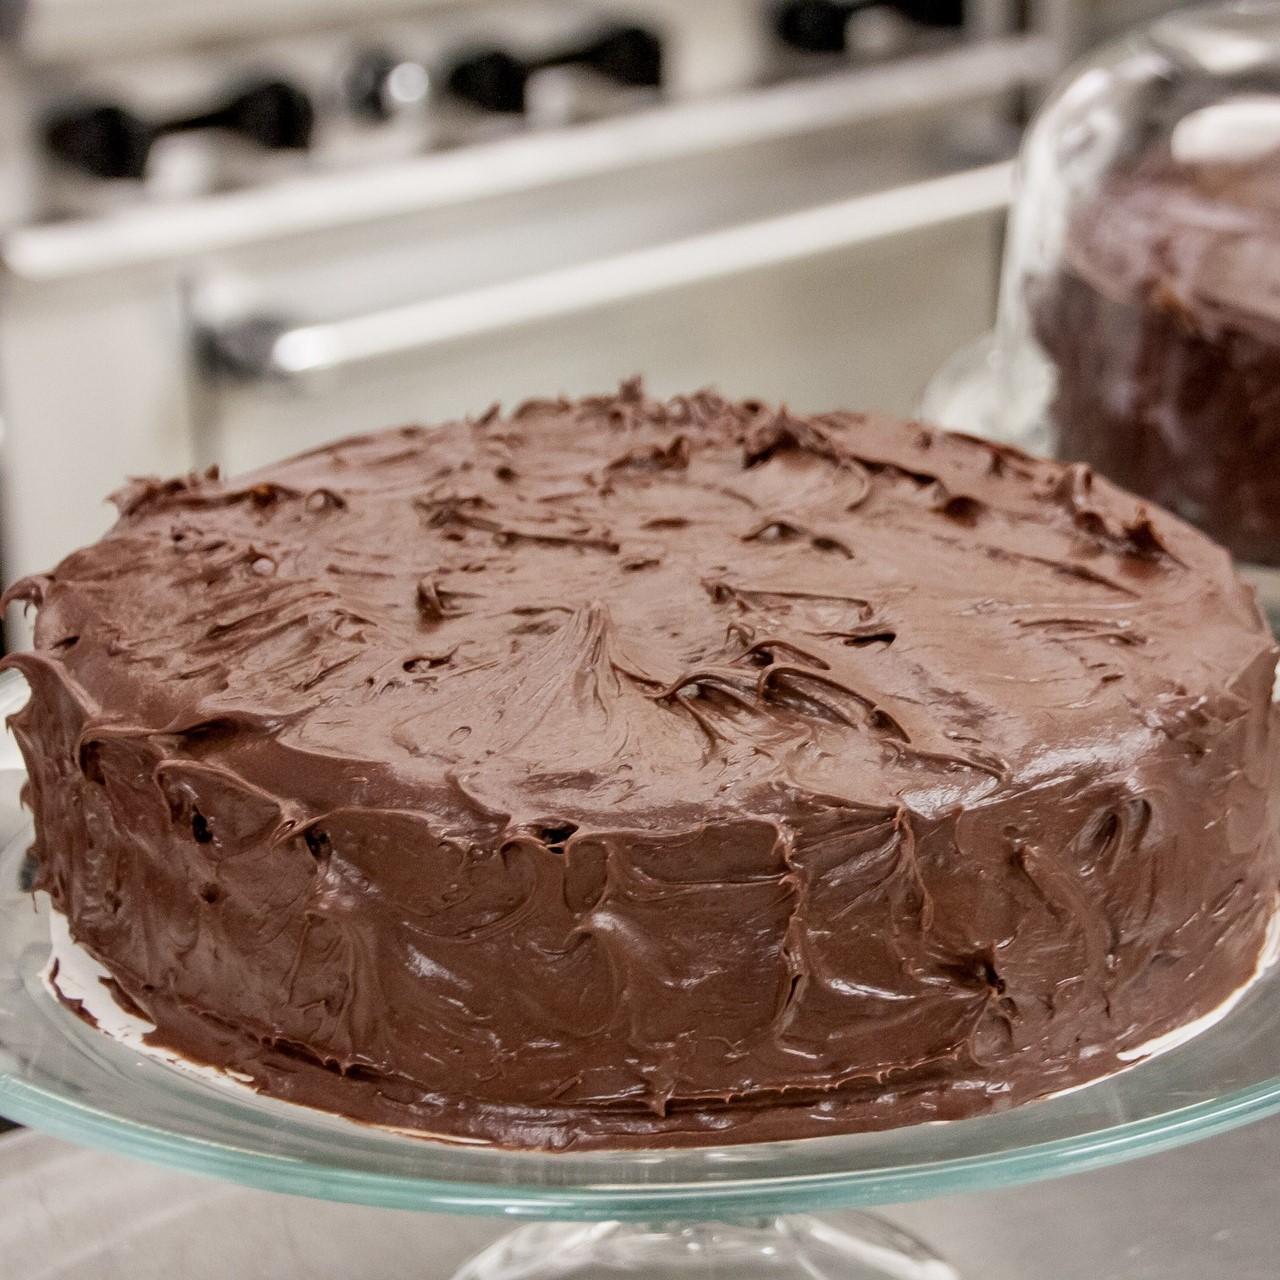 Chocolate vegan cake topping